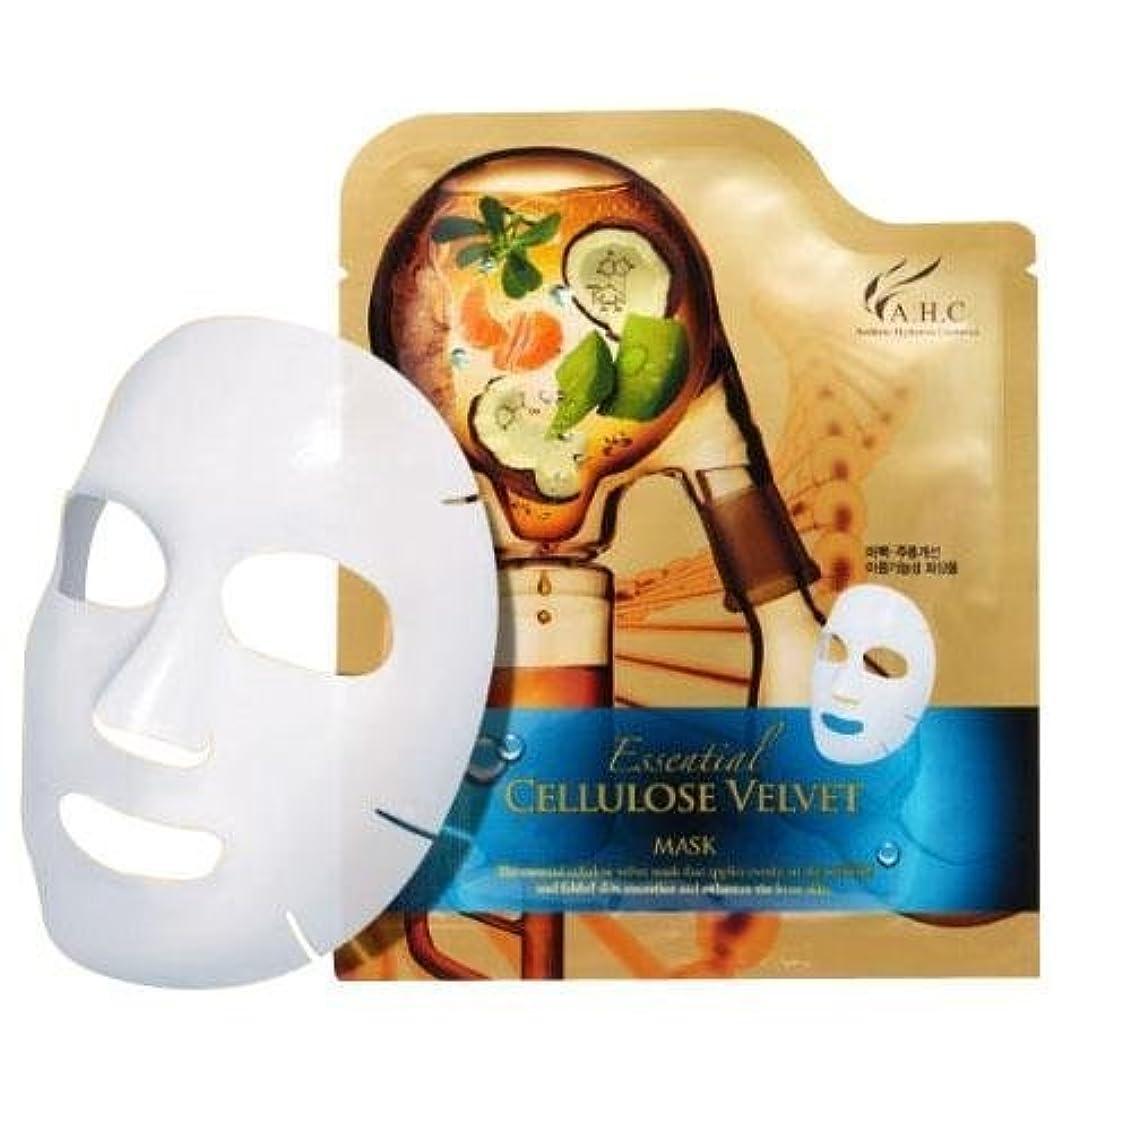 事前に売るエンドテーブルA.H.C Essencial Cellulose Velvet Mask (30g*1EA)/ Made in Korea